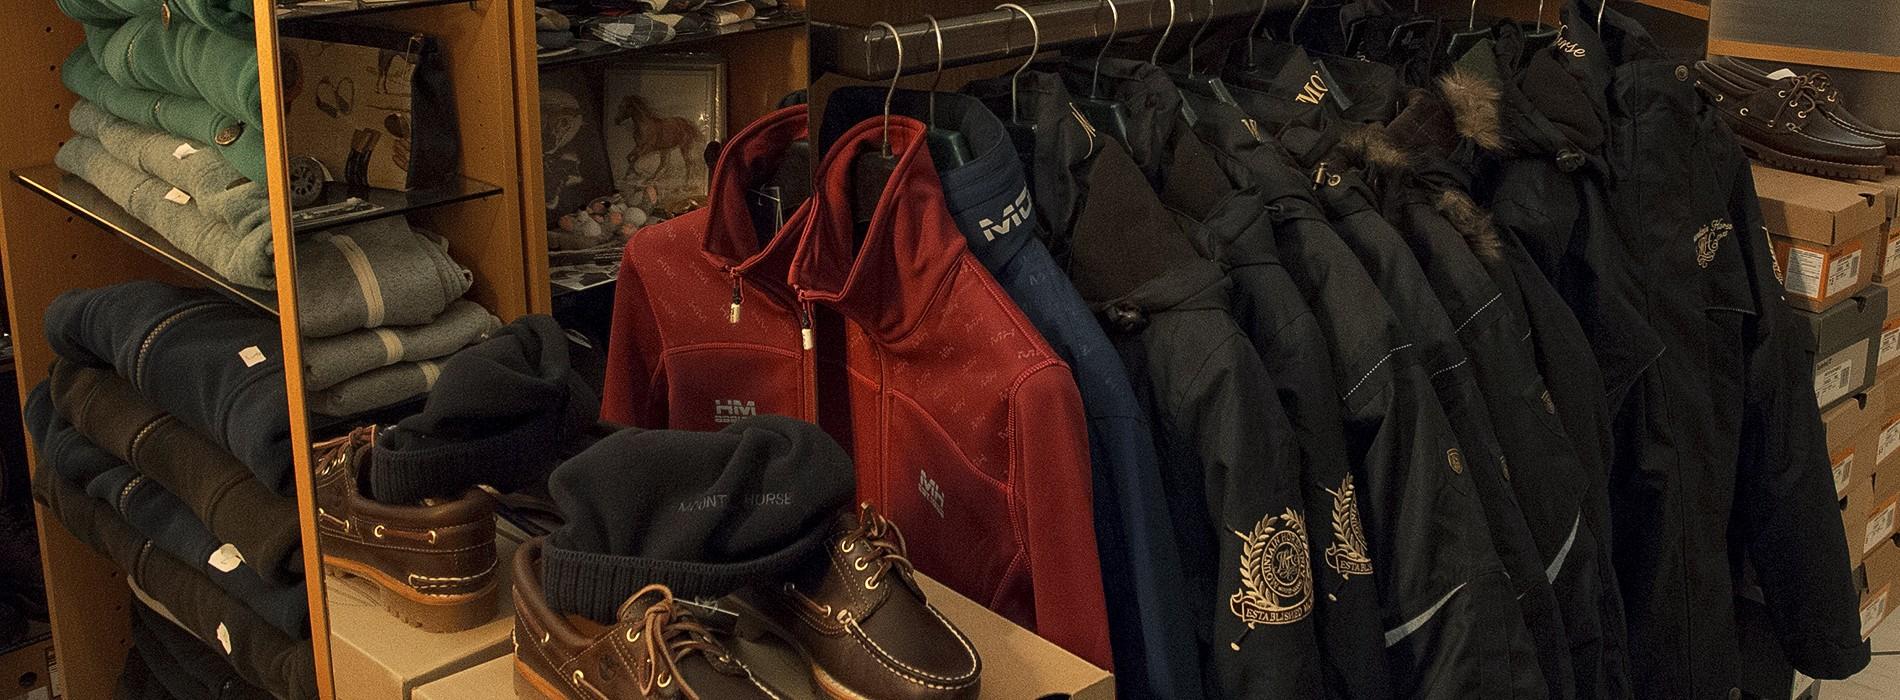 Reitsportbekleidung für jede Größe